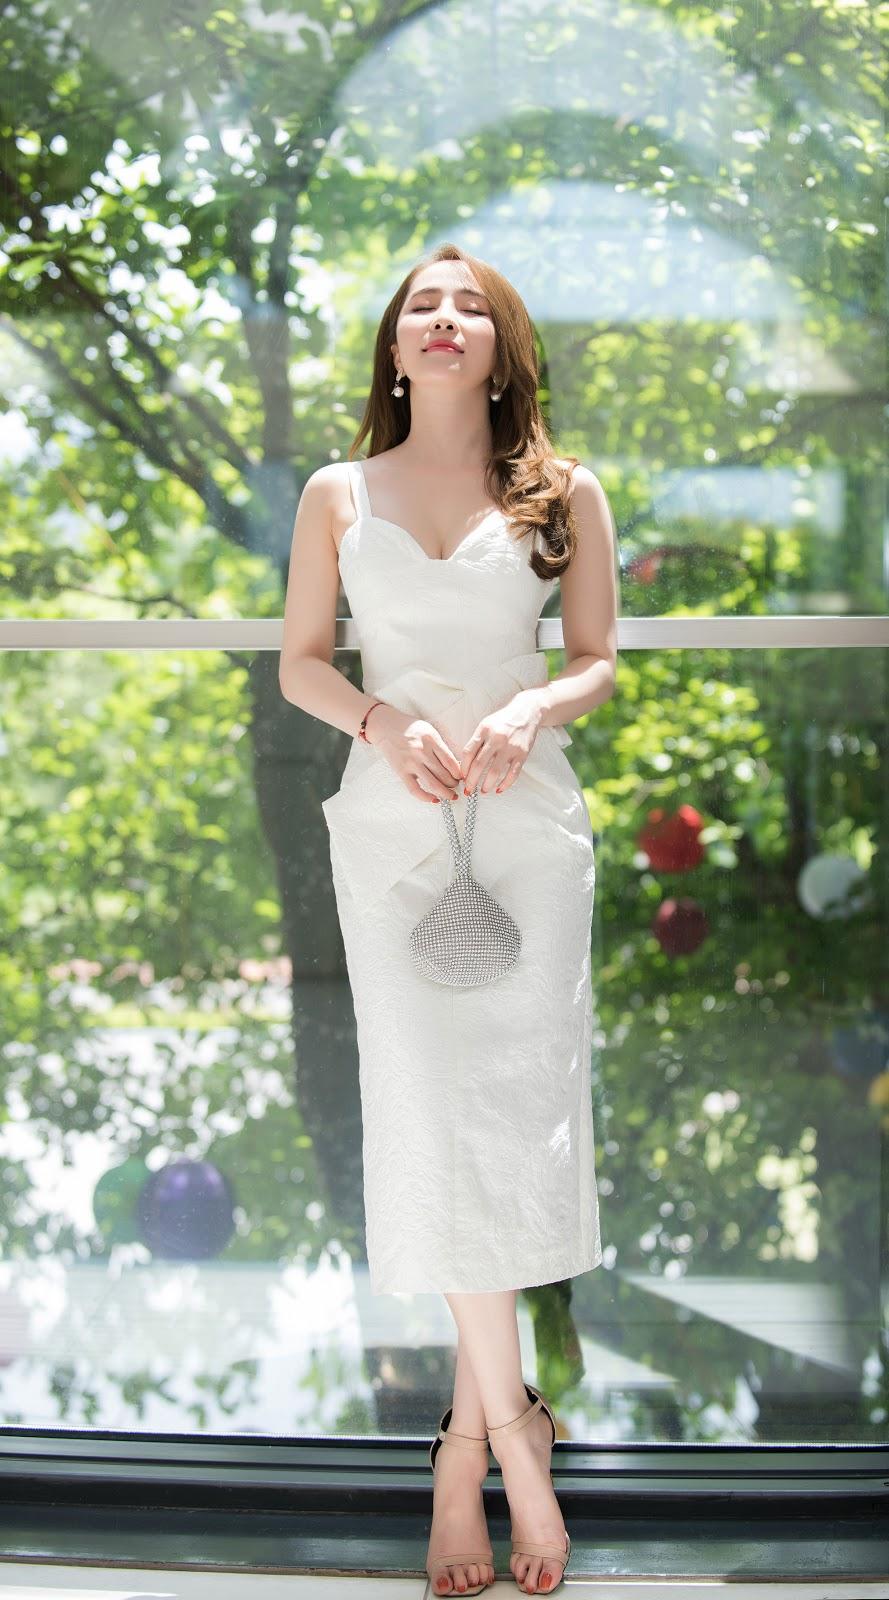 Quỳnh Nga diện váy áo tôn vòng một, xách túi giọt nước lạ mắt đi sự kiện - Hình 8